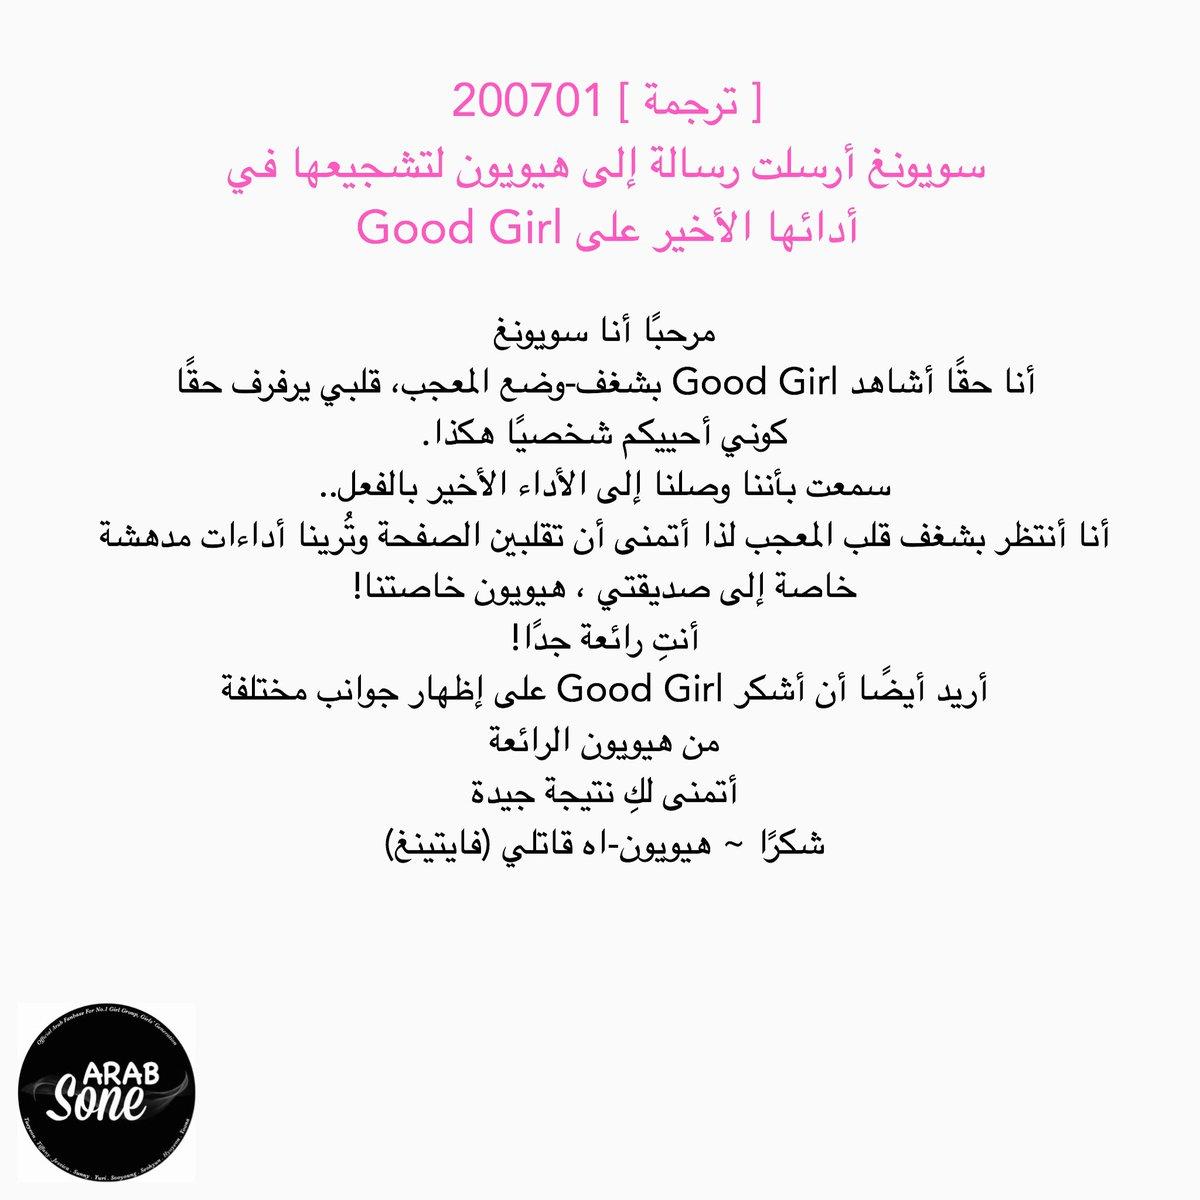 [ ترجمة ] 200701  سويونغ أرسلت رسالة إلى هيويون لتشجيعها في أدائها الأخير على Good Girl -SRpic.twitter.com/SgI4kiyrmW